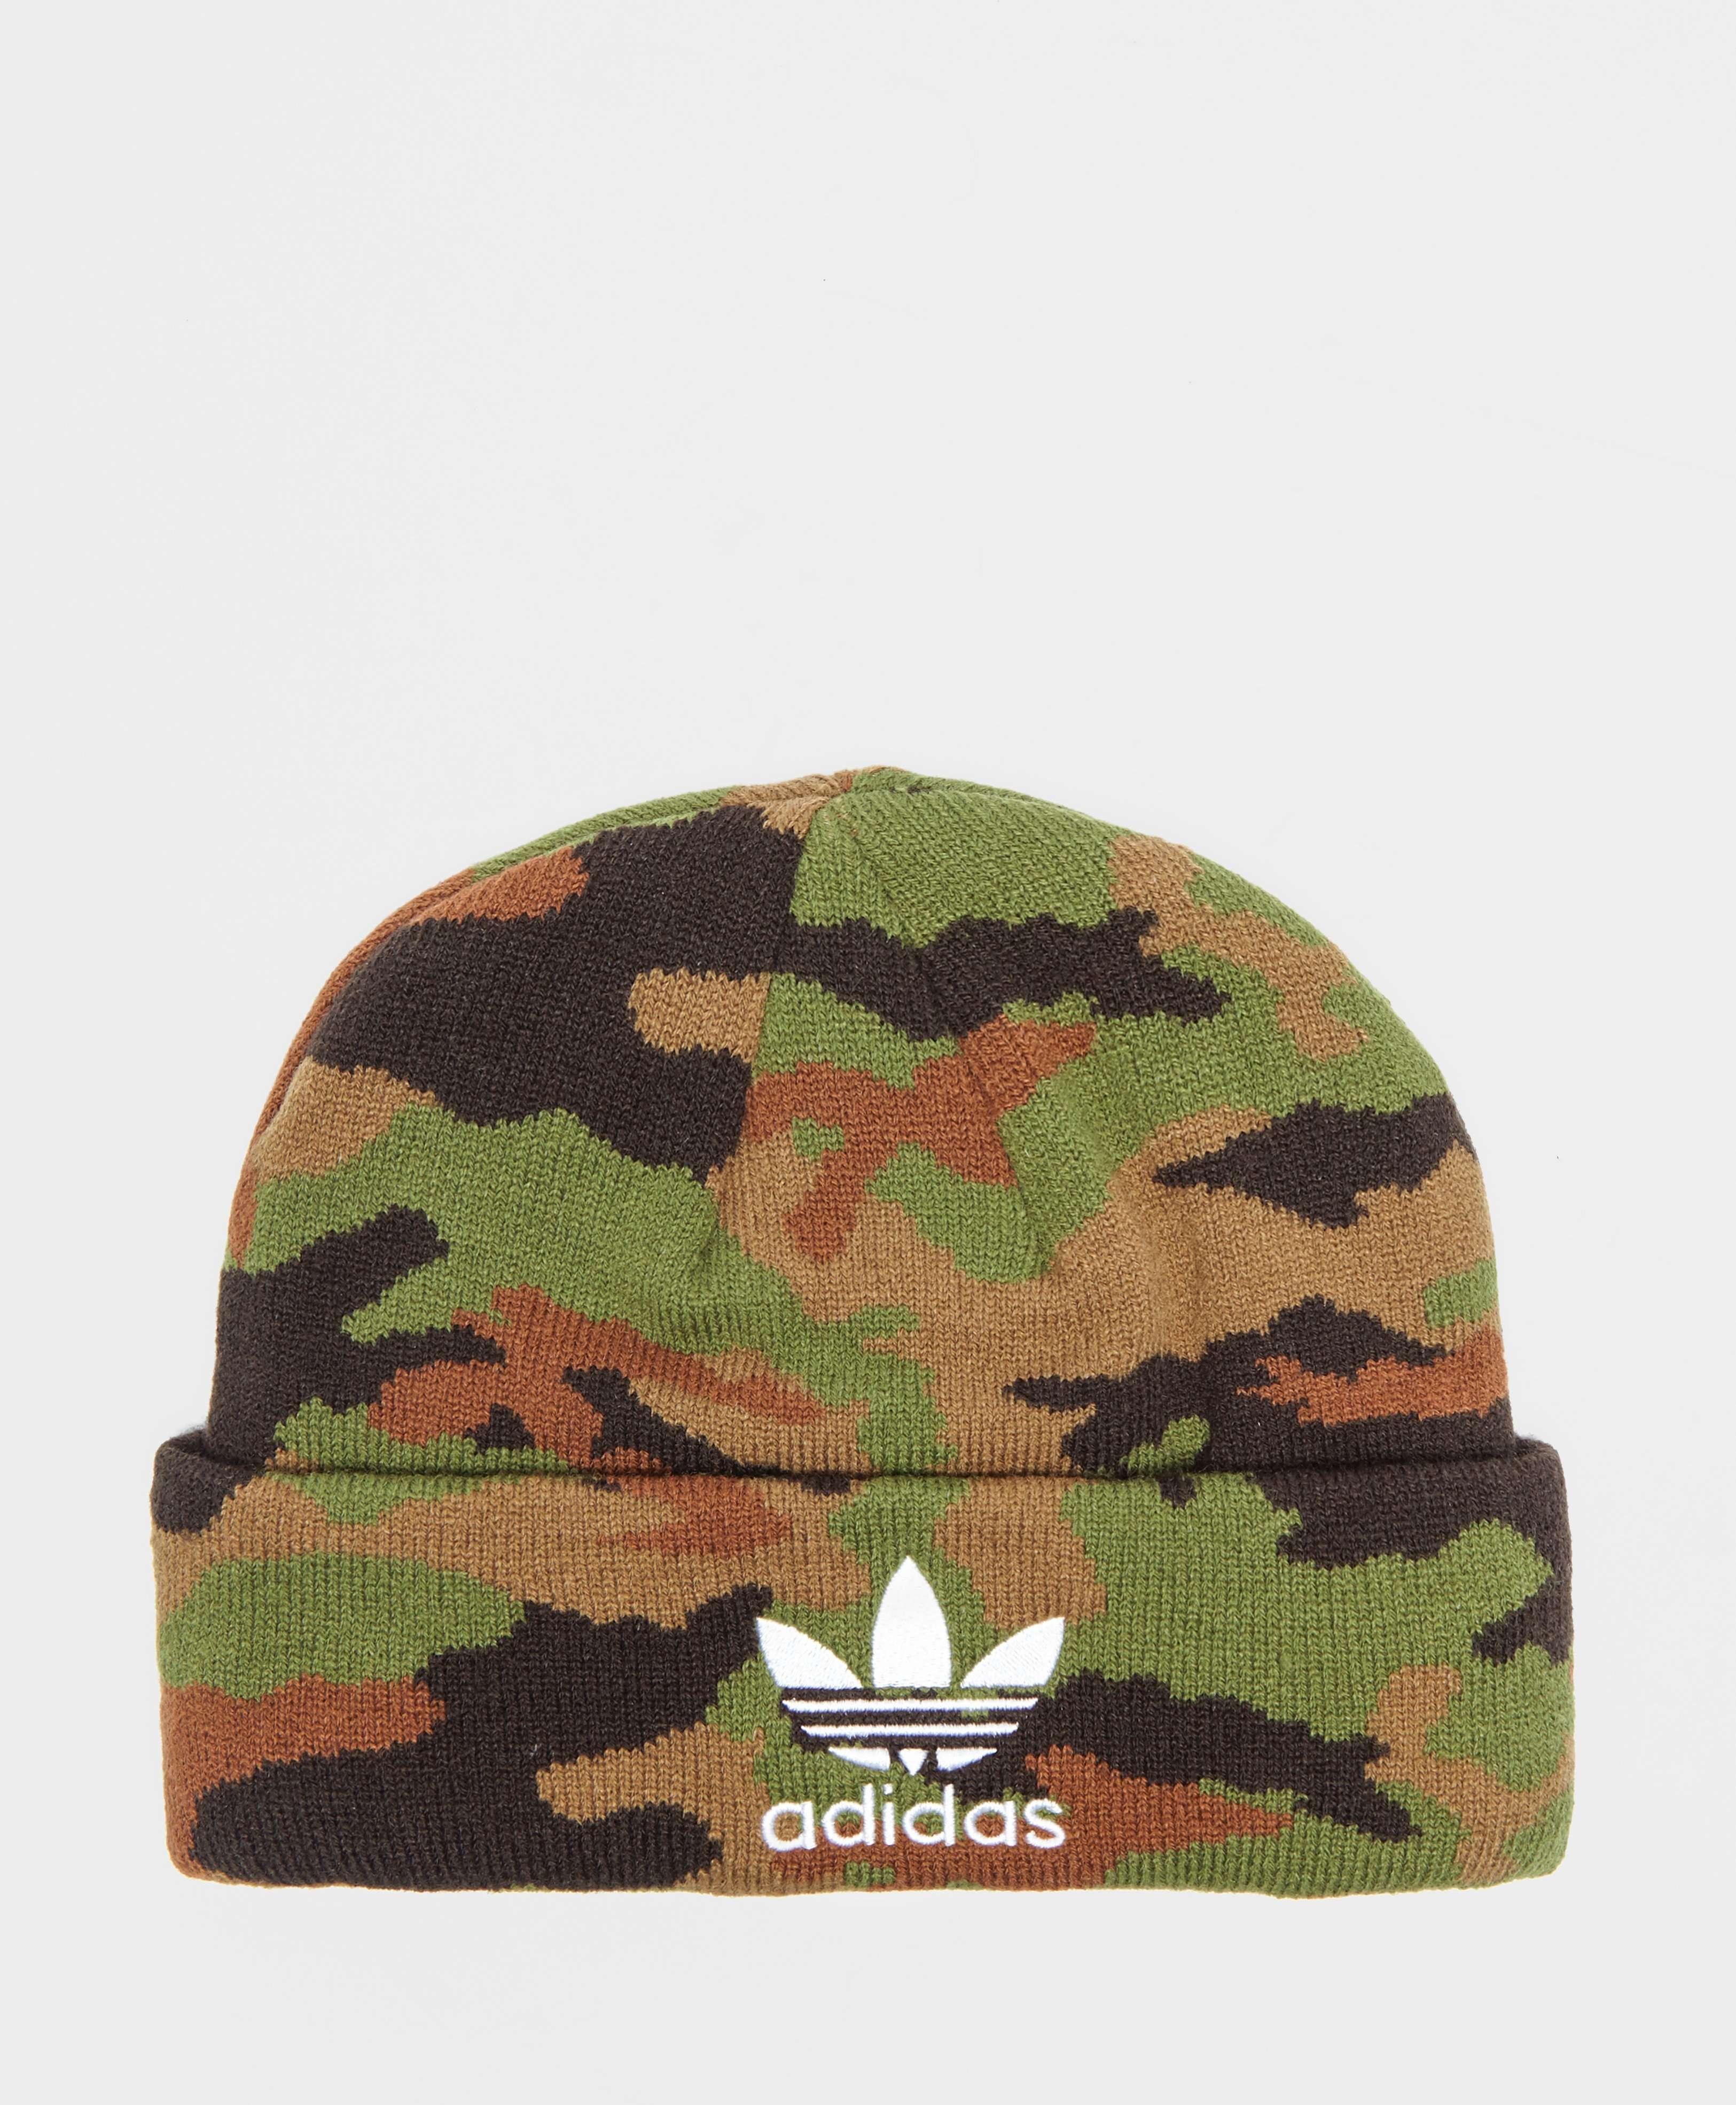 46440042a adidas Originals Camouflage Beanie Hat | scotts Menswear